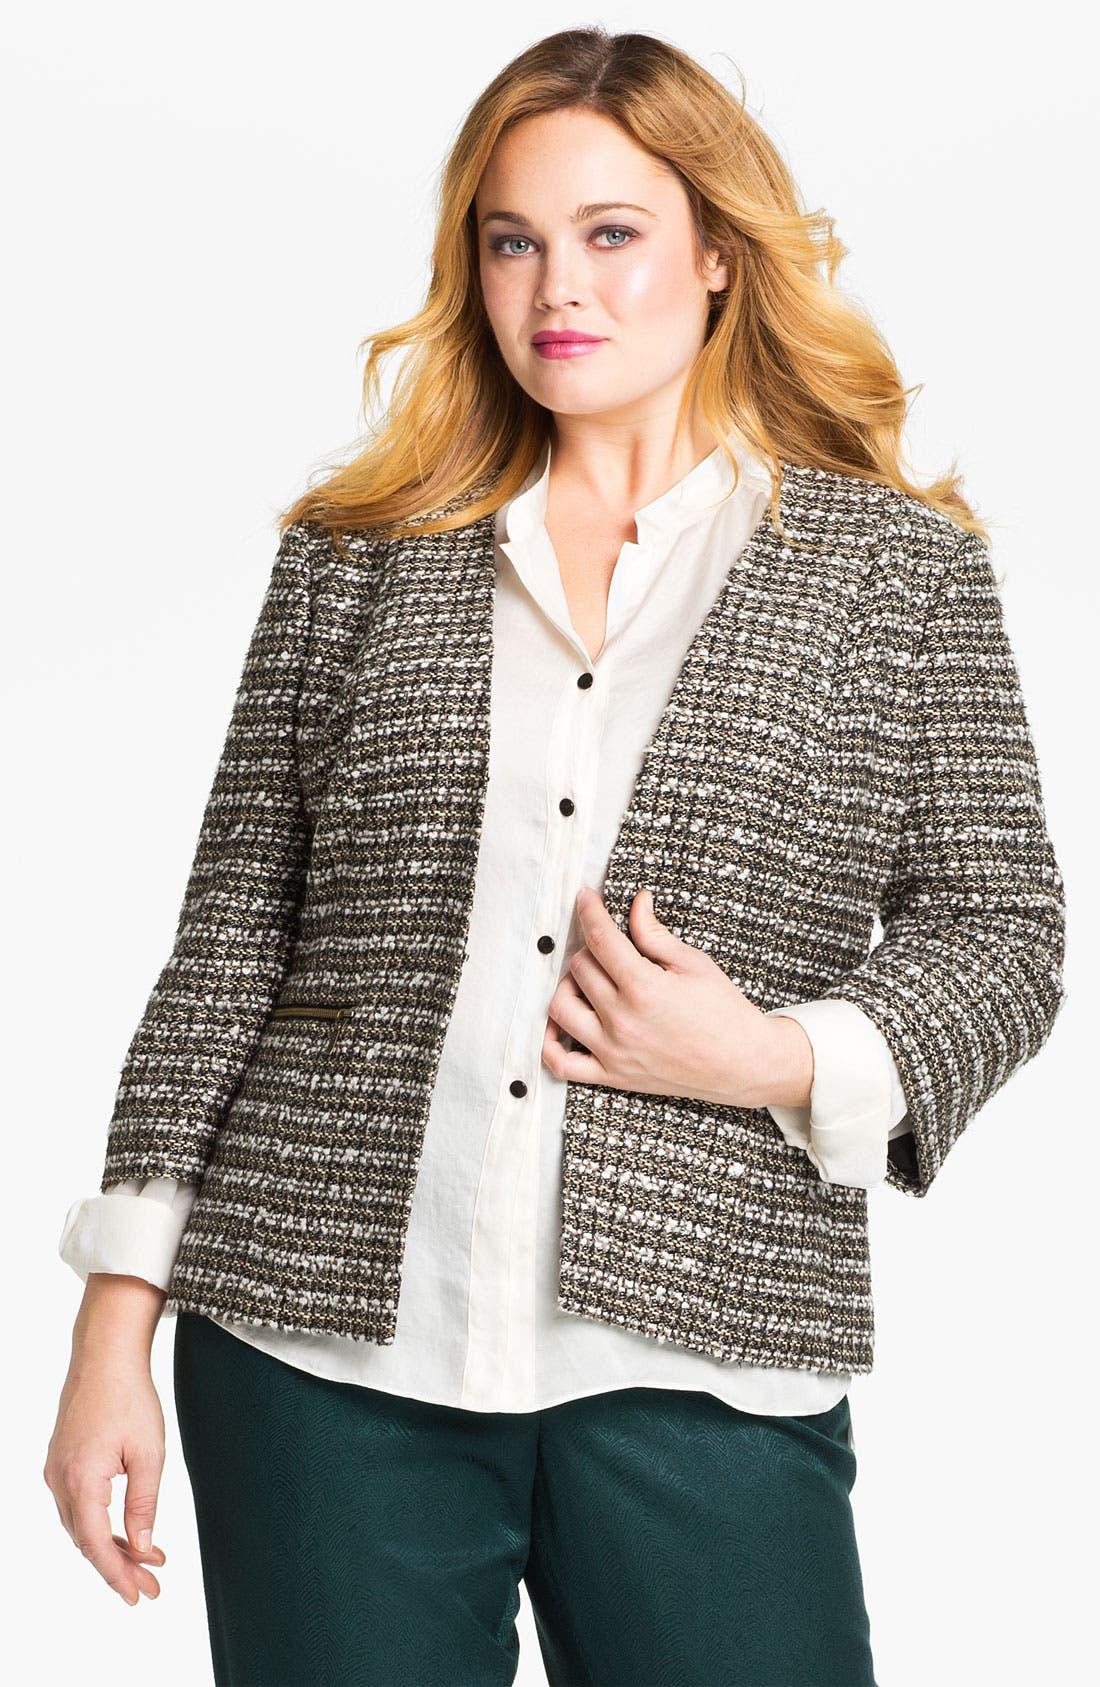 Alternate Image 1 Selected - Sejour Tweed Jacket (Plus)